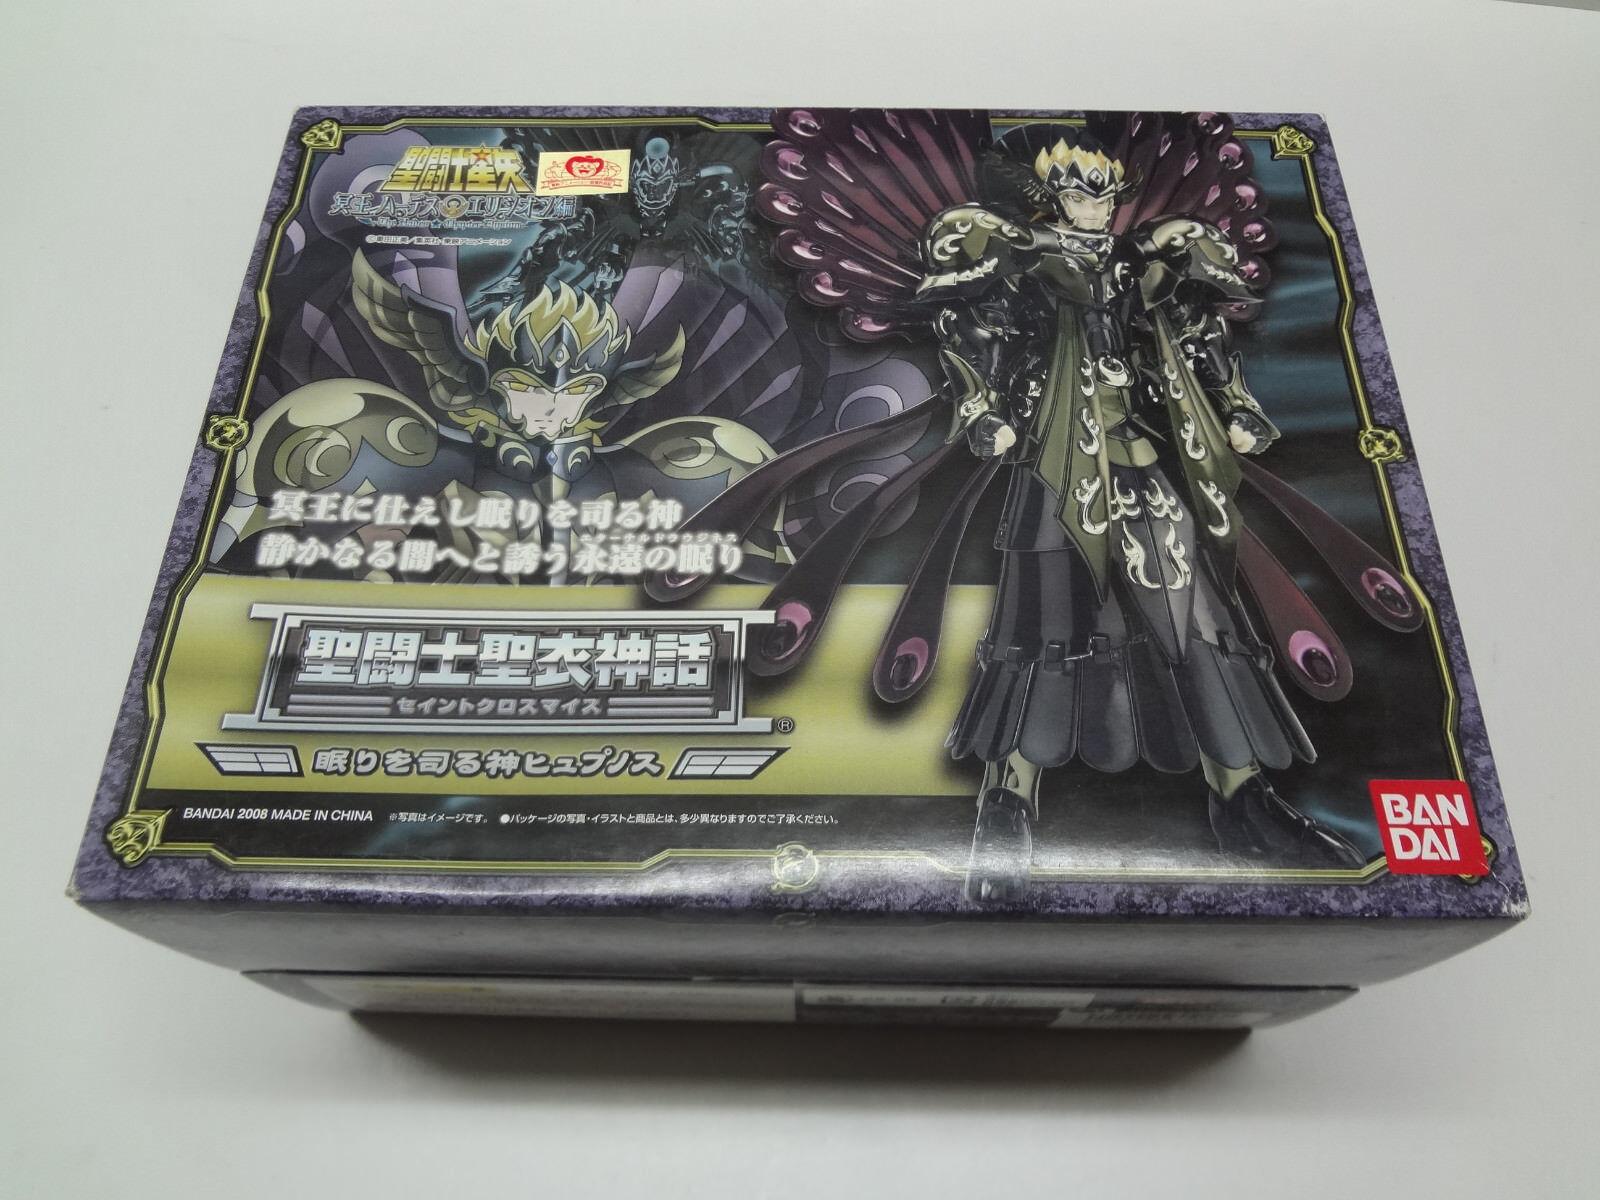 Myth Nemuri Wo Tsukasadoru Kami Hypnos Bandai Saint Seiya Cloth Myth JAPAN USED